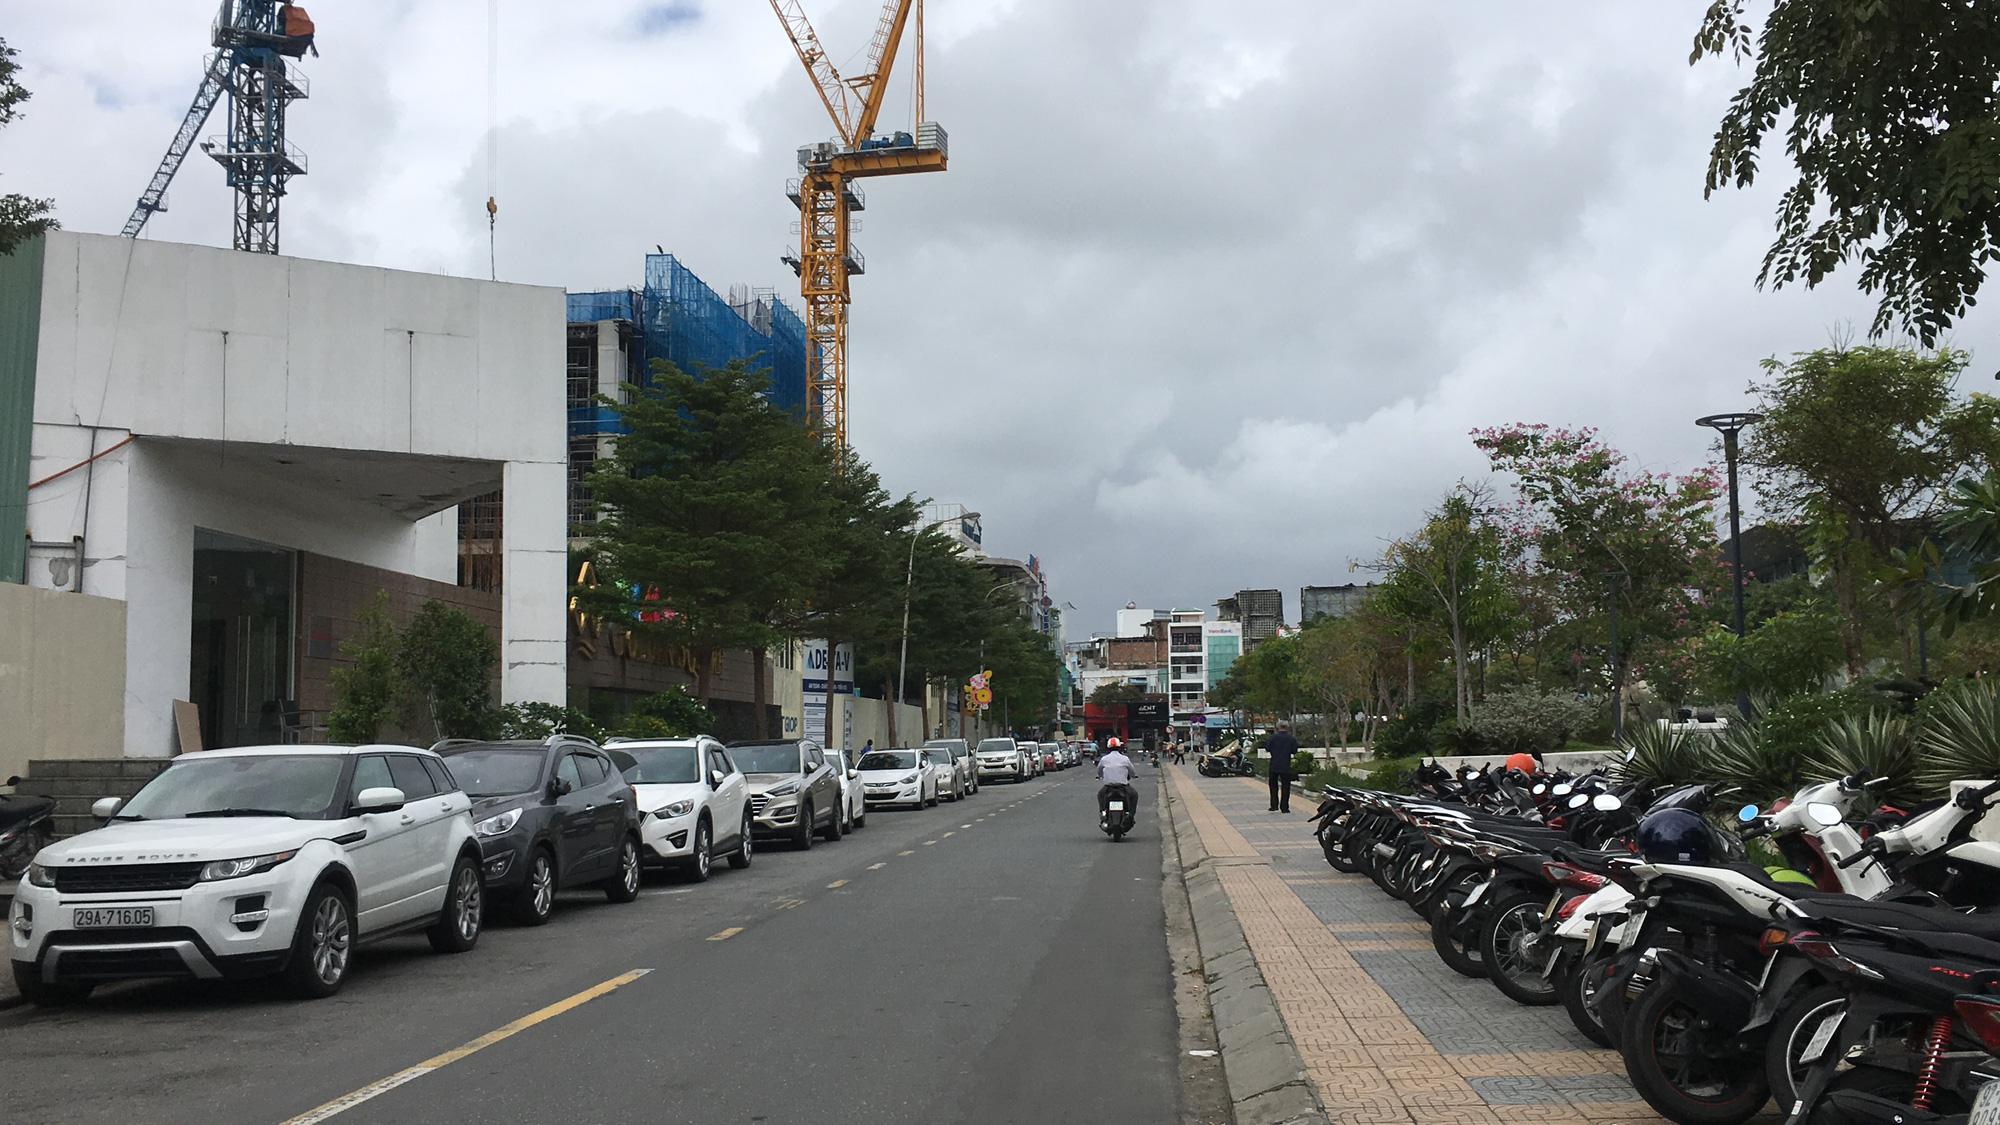 Cận cảnh 'đất vàng' Đà Nẵng làm công viên sách, mở rộng công viên APEC - Ảnh 3.